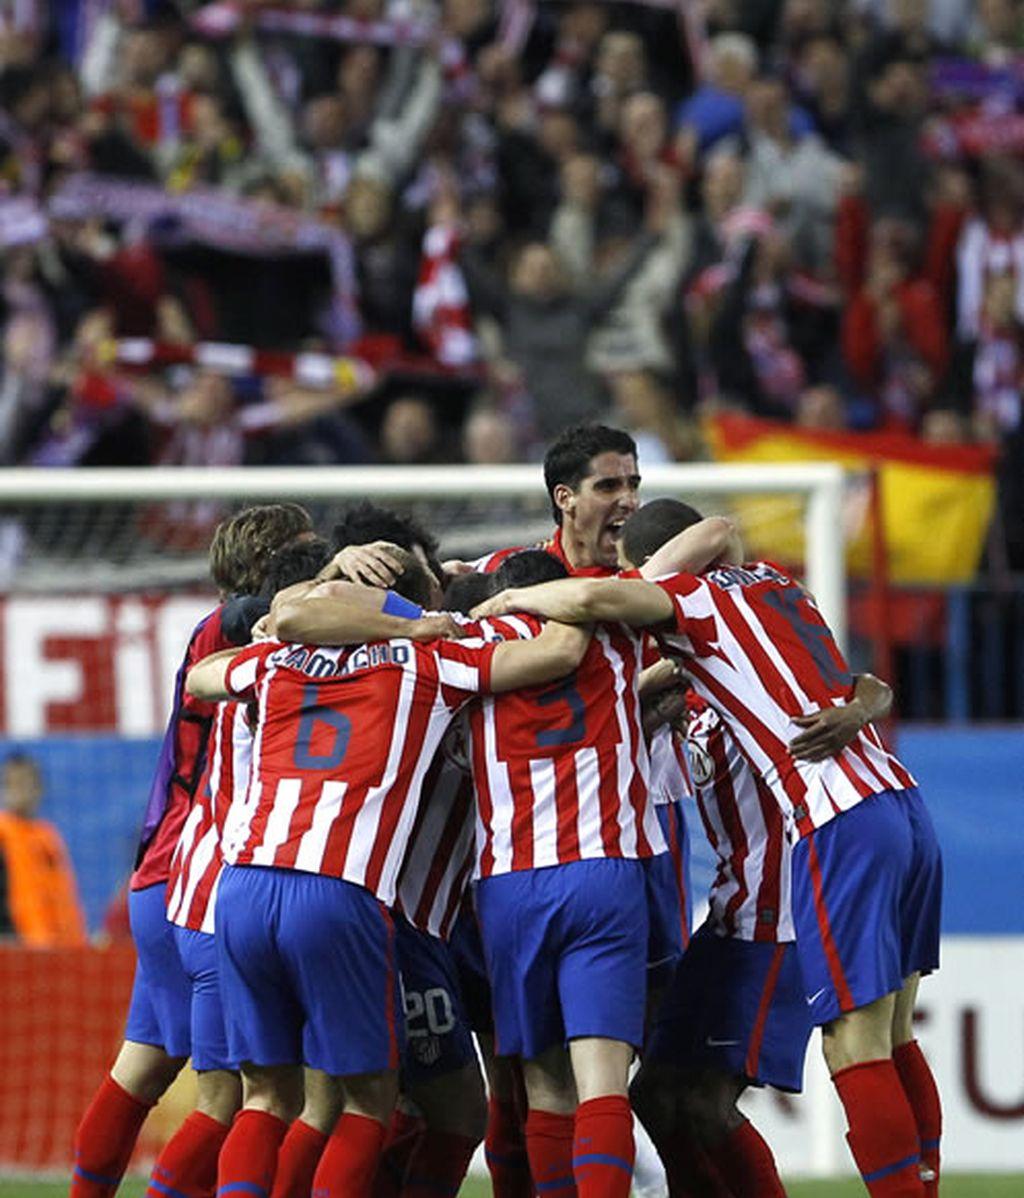 El Atlético se clasifica para semifinales